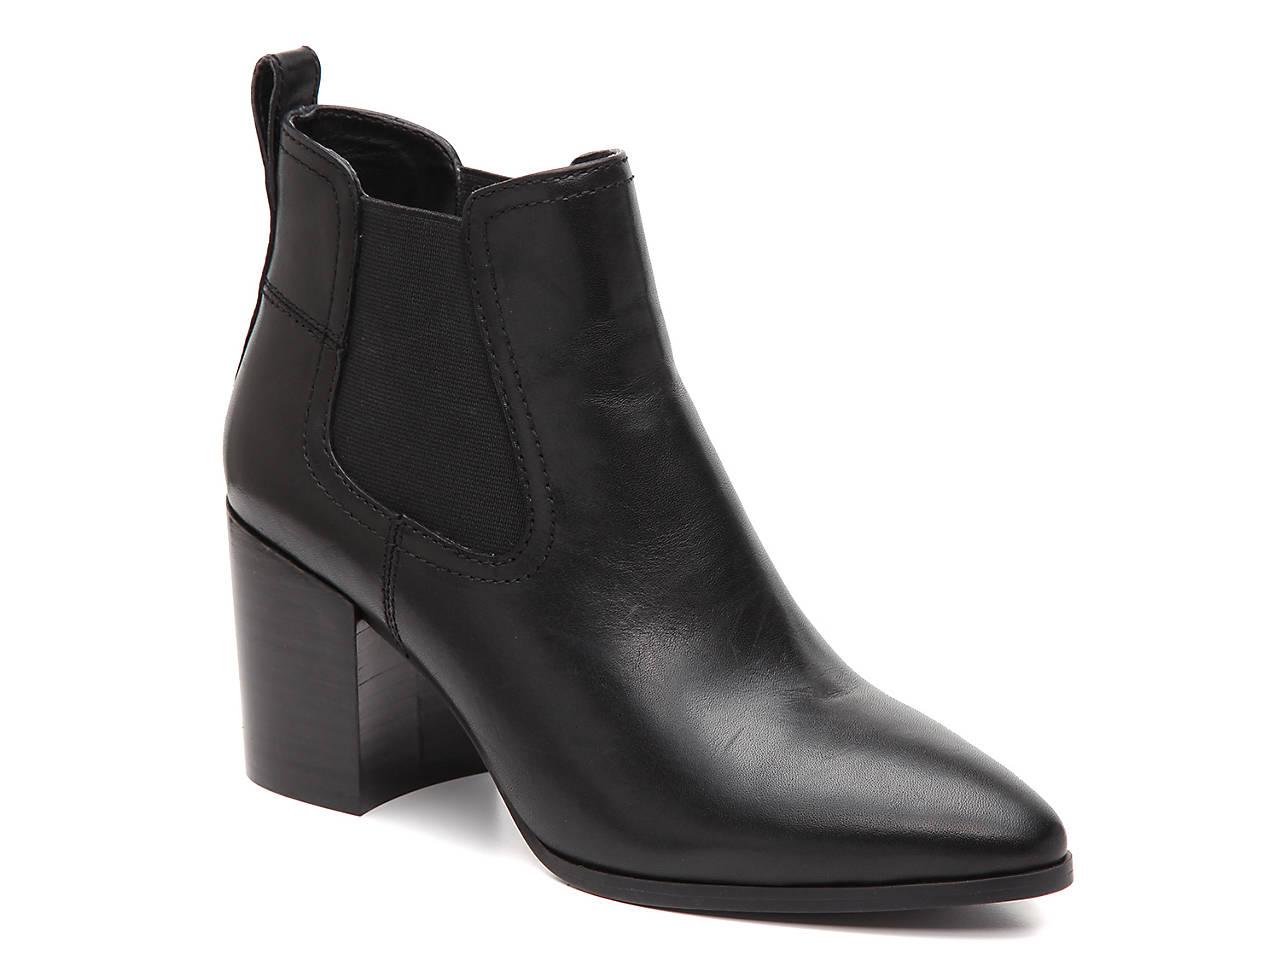 hot sales the latest timeless design Steve Madden Odo Chelsea Boot Women's Shoes | DSW